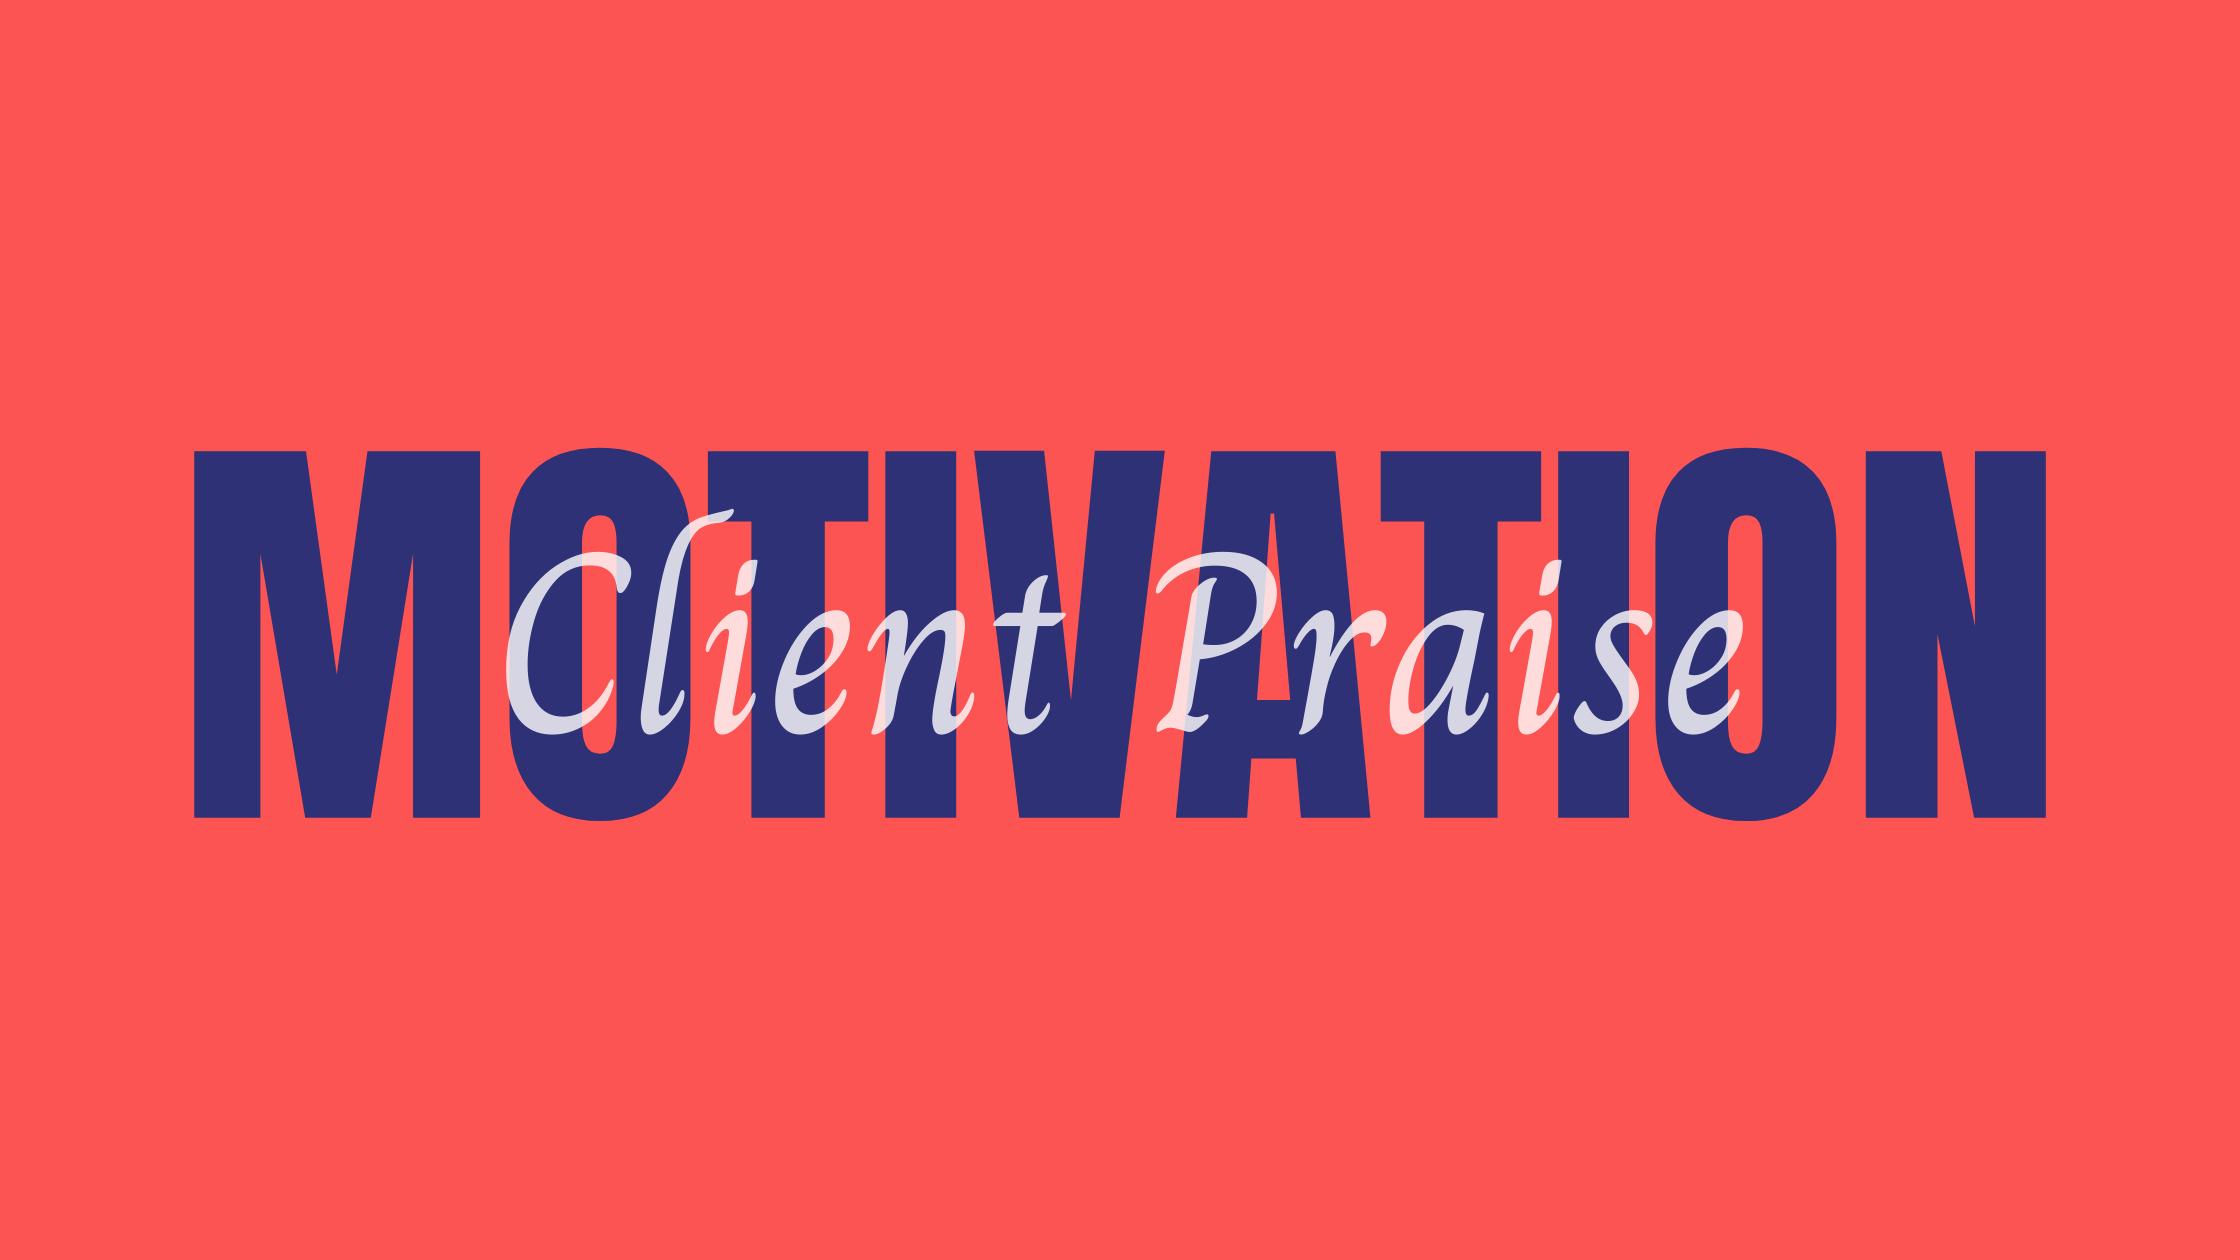 Client Praise